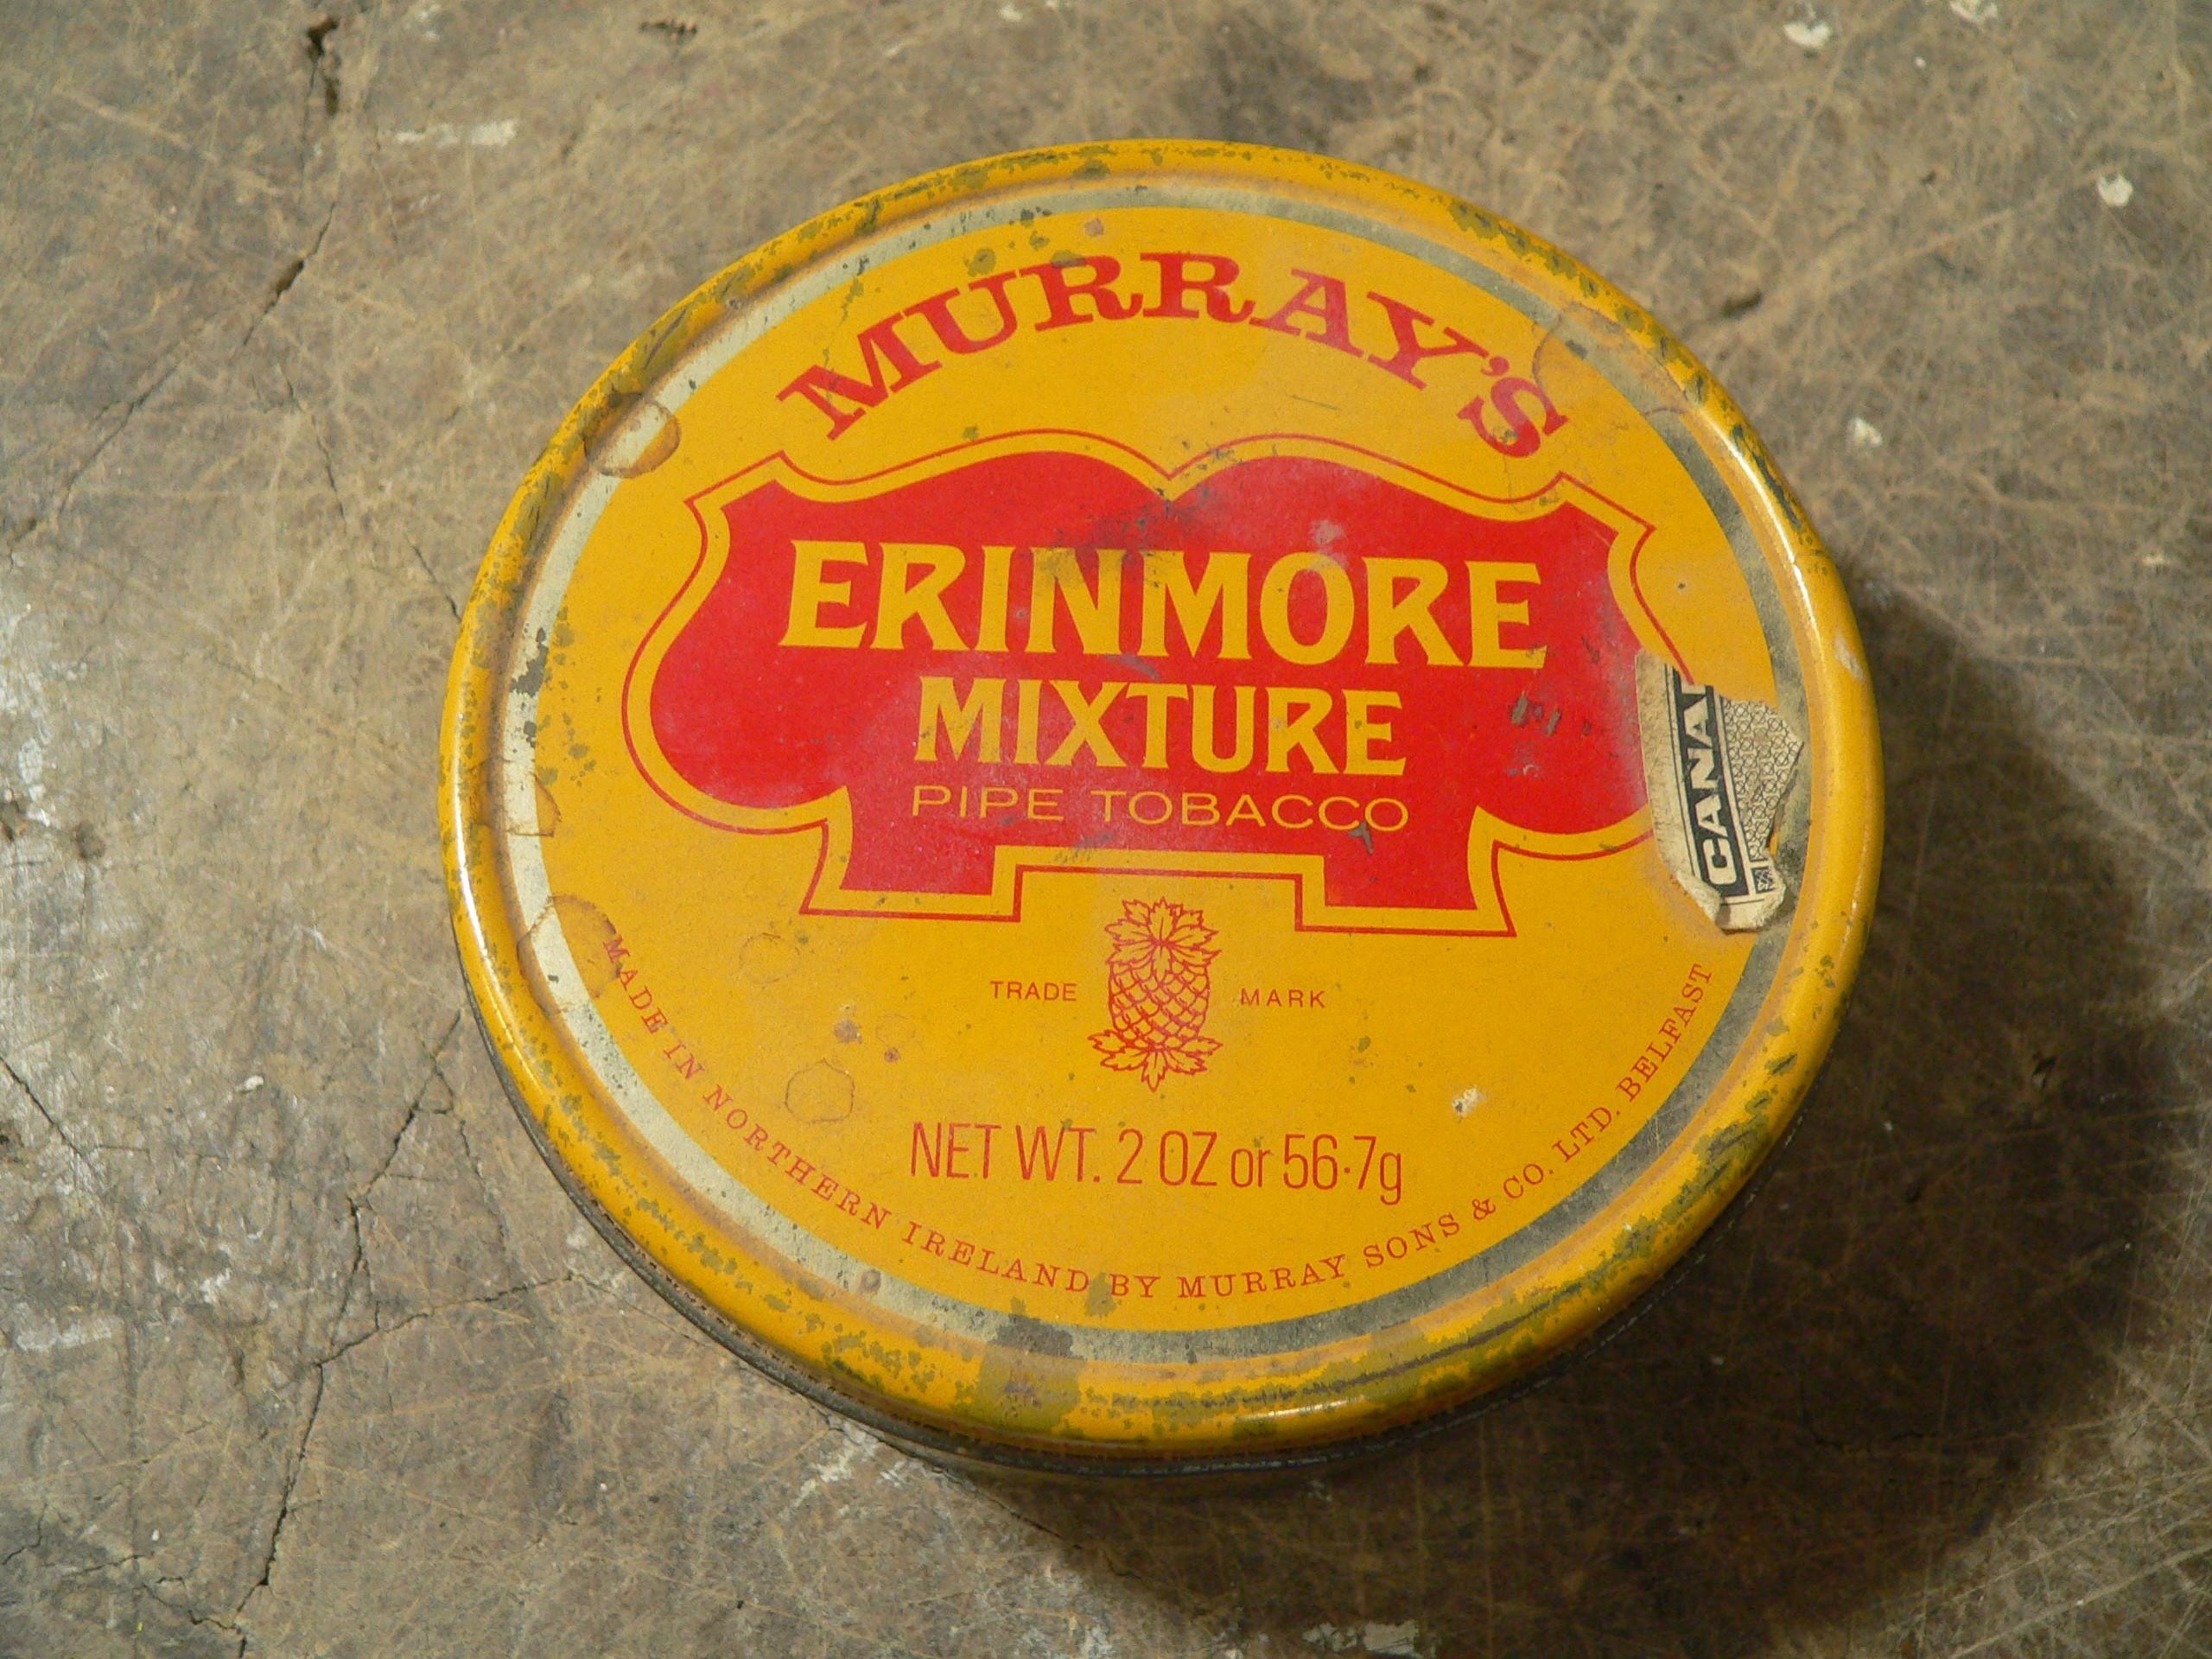 Boite murray's erinmore mixture # 8011.2